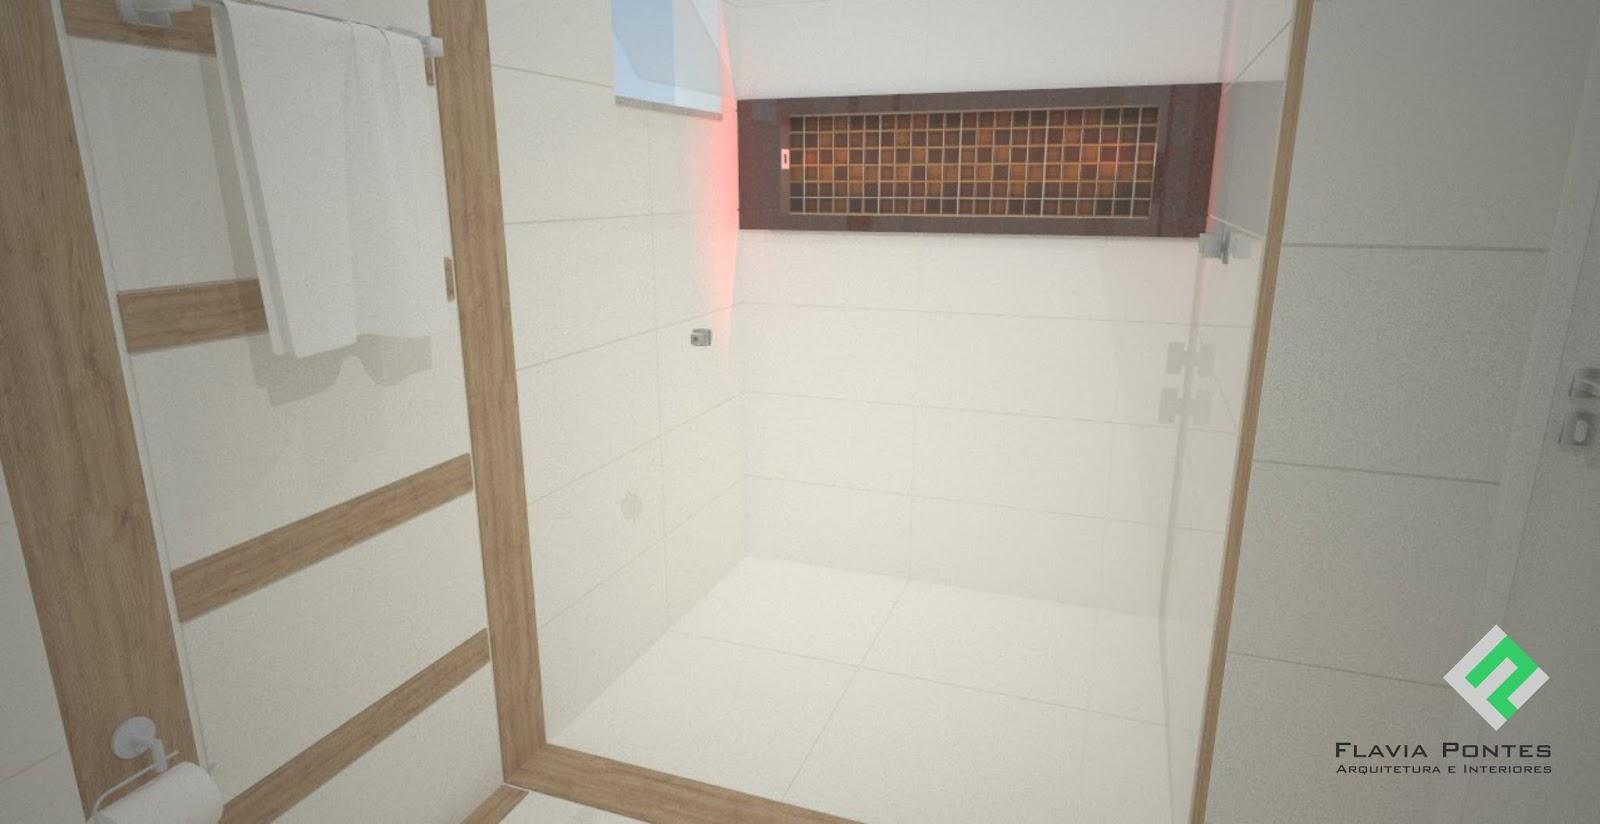 Flavia Pontes Arquitetura: Setembro 2013 #27A452 1600x824 Banheiro Com Nicho Embutido